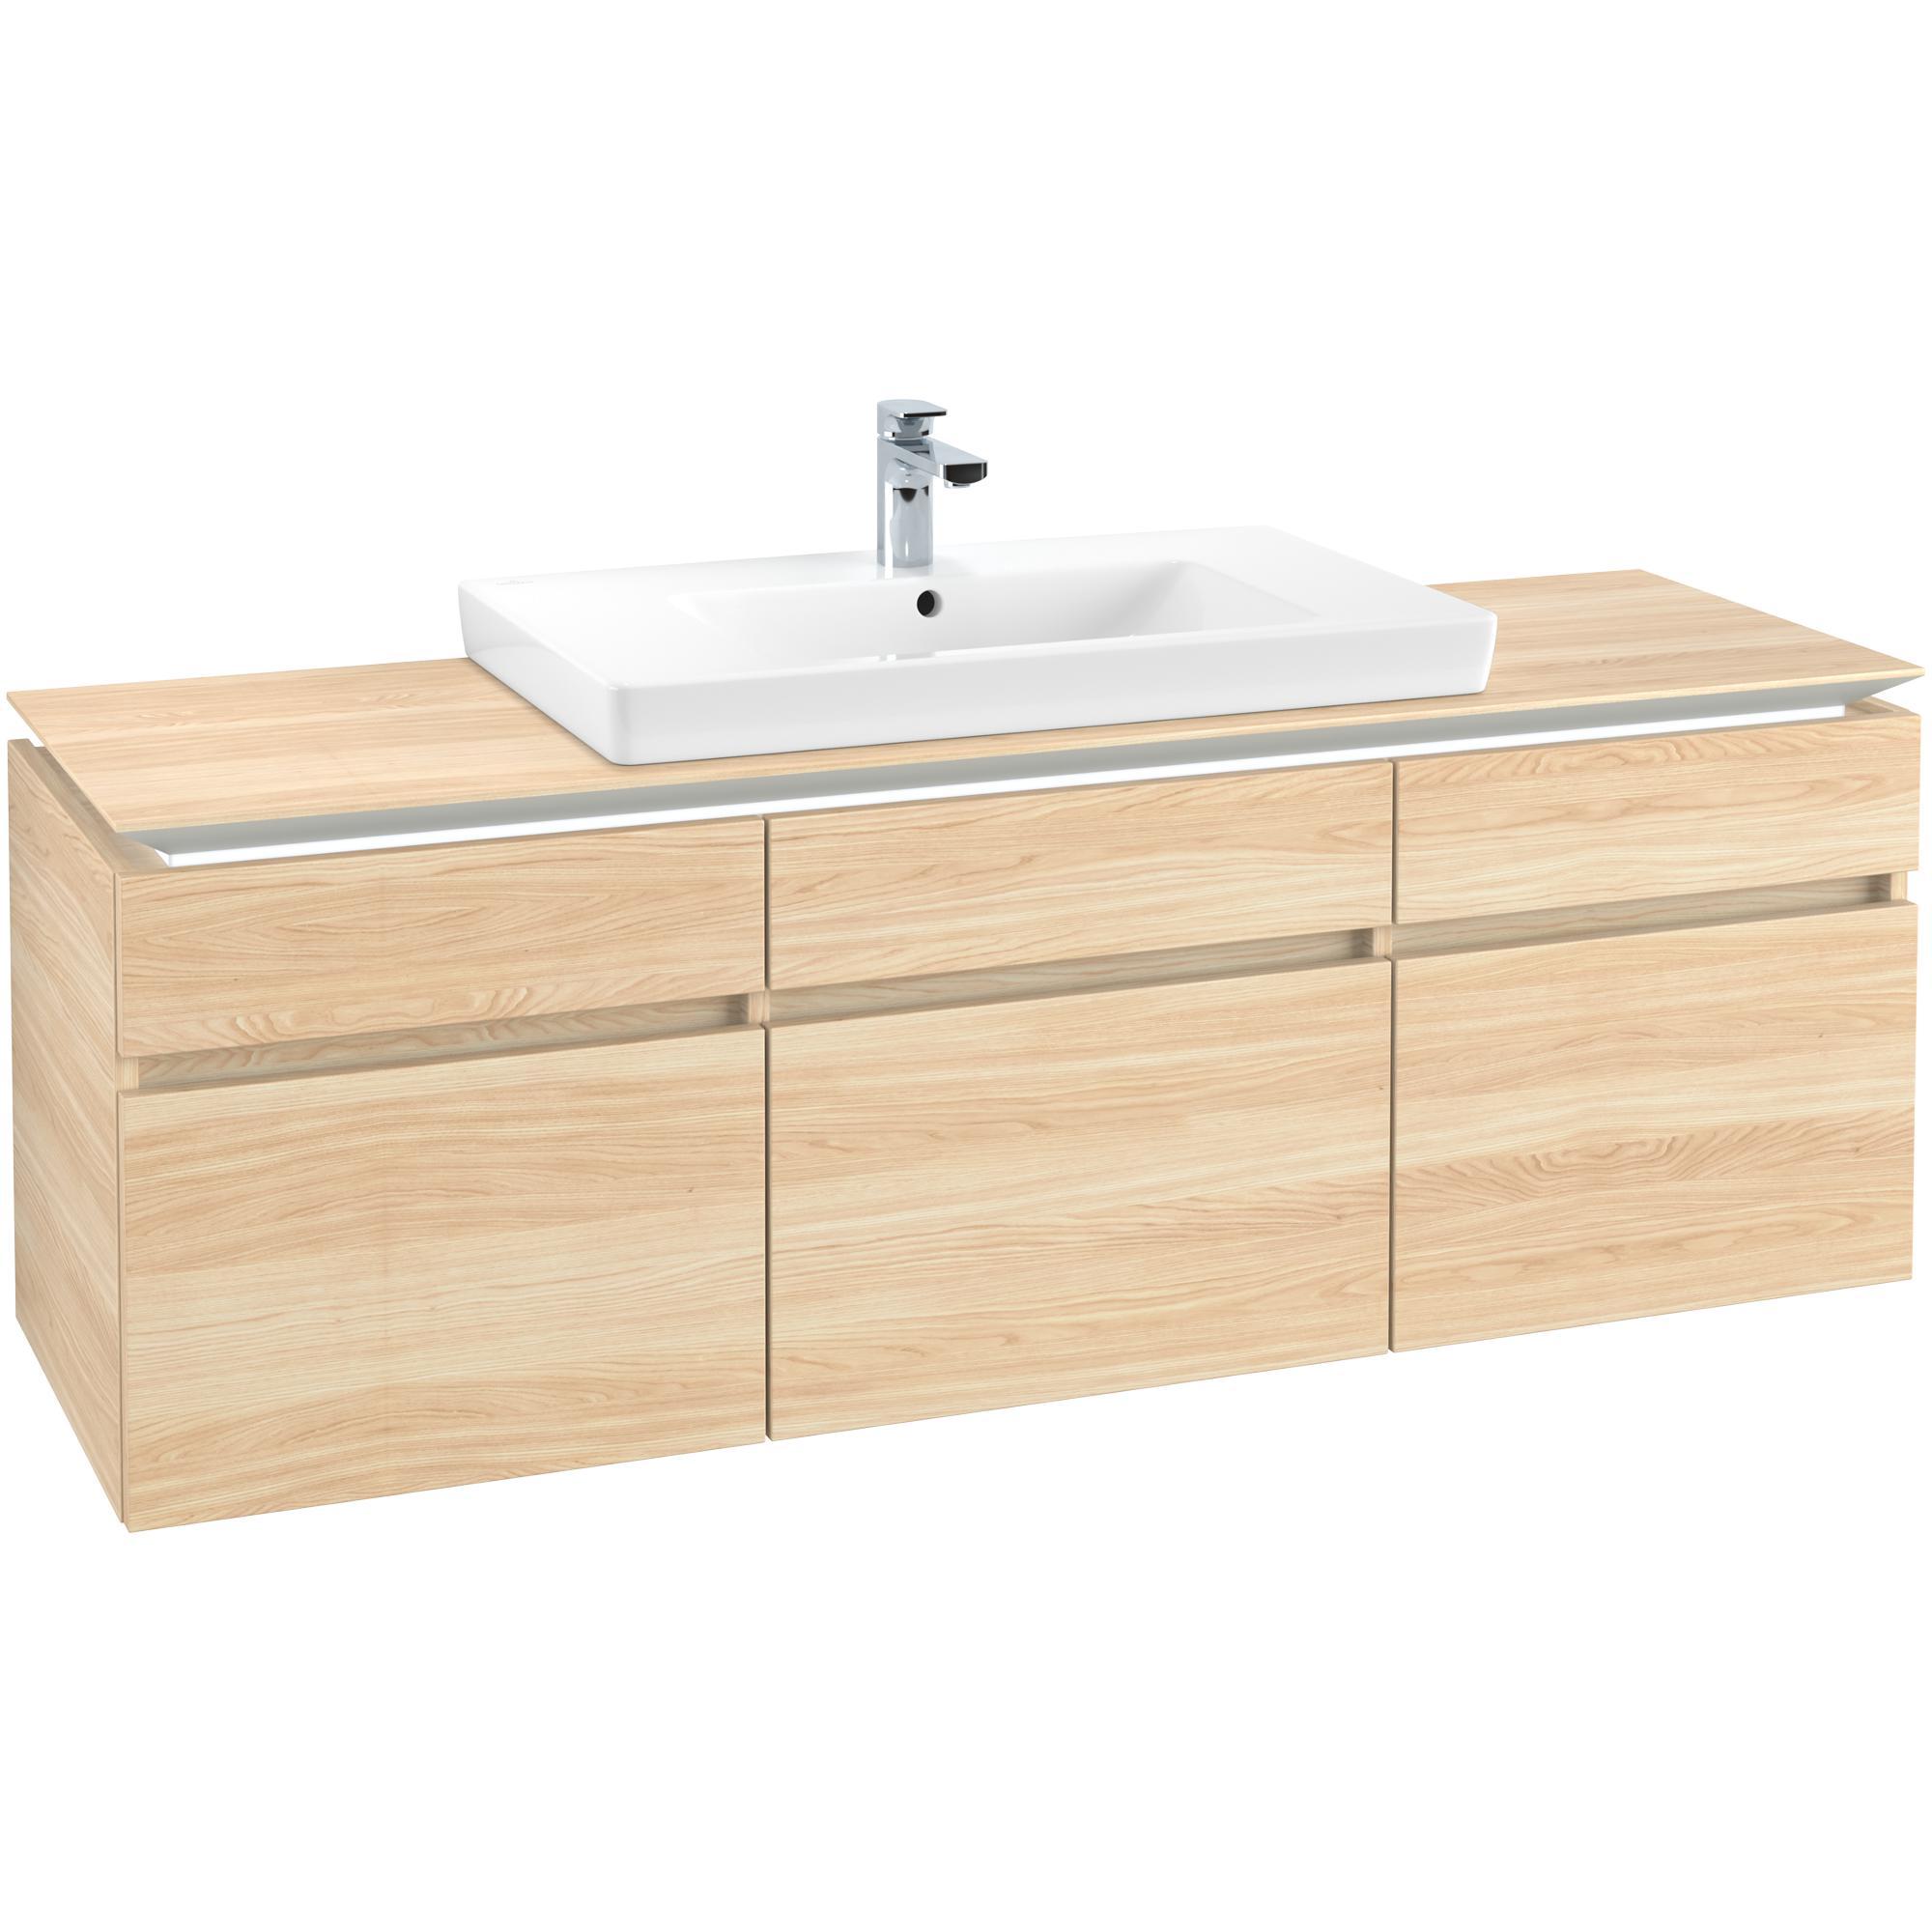 Tvättställsskåp Villeroy & Boch Legato med 5 Lådor för Skåptvättställ